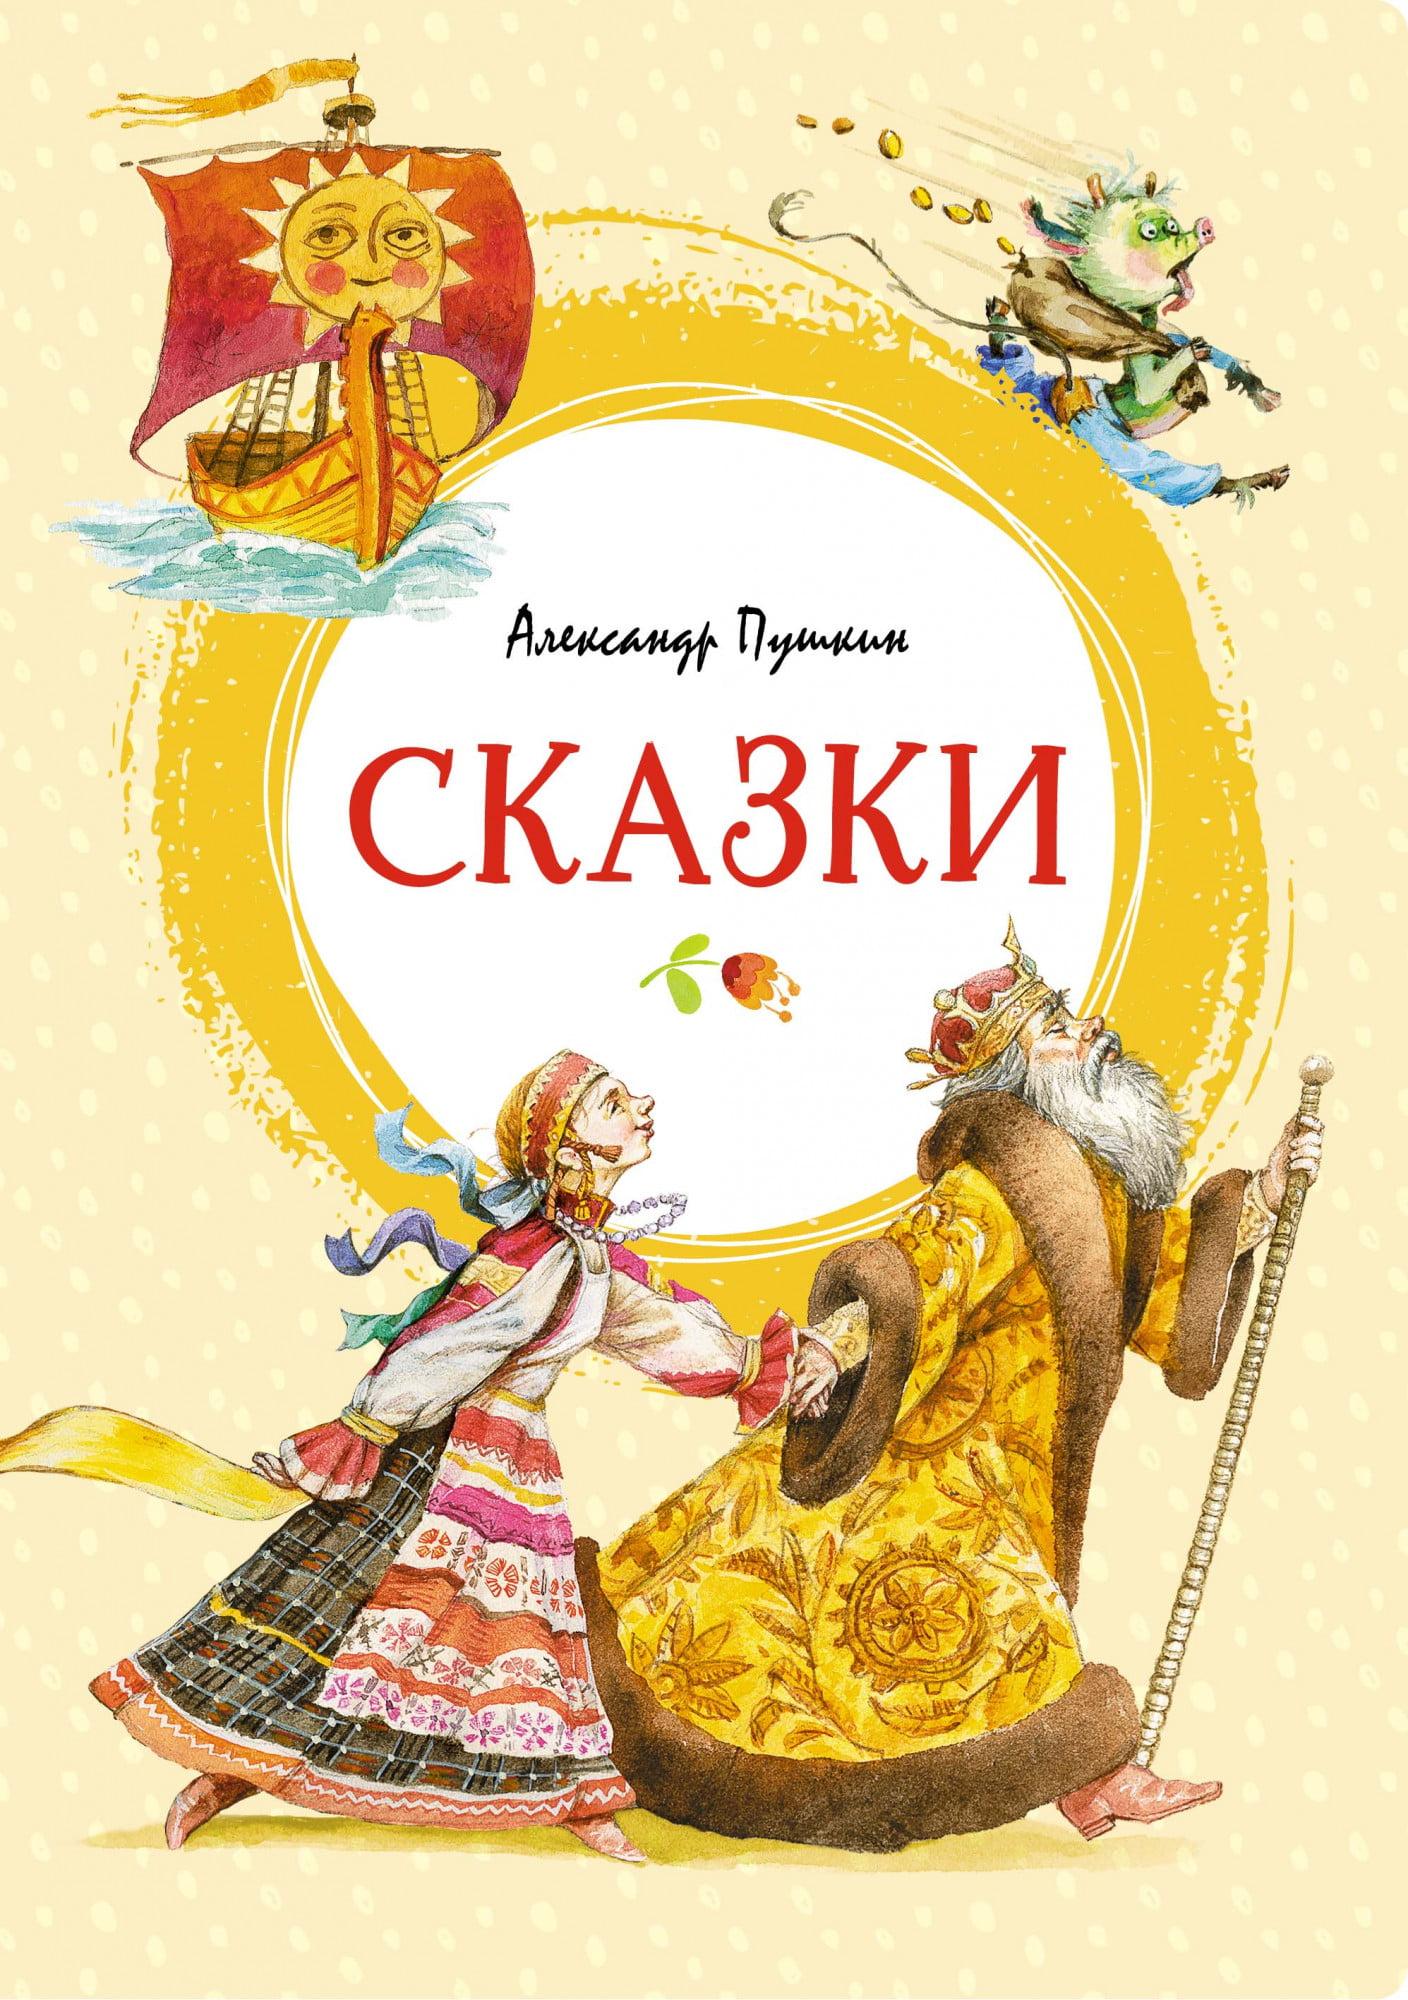 Сказки авт. Александр Пушкин